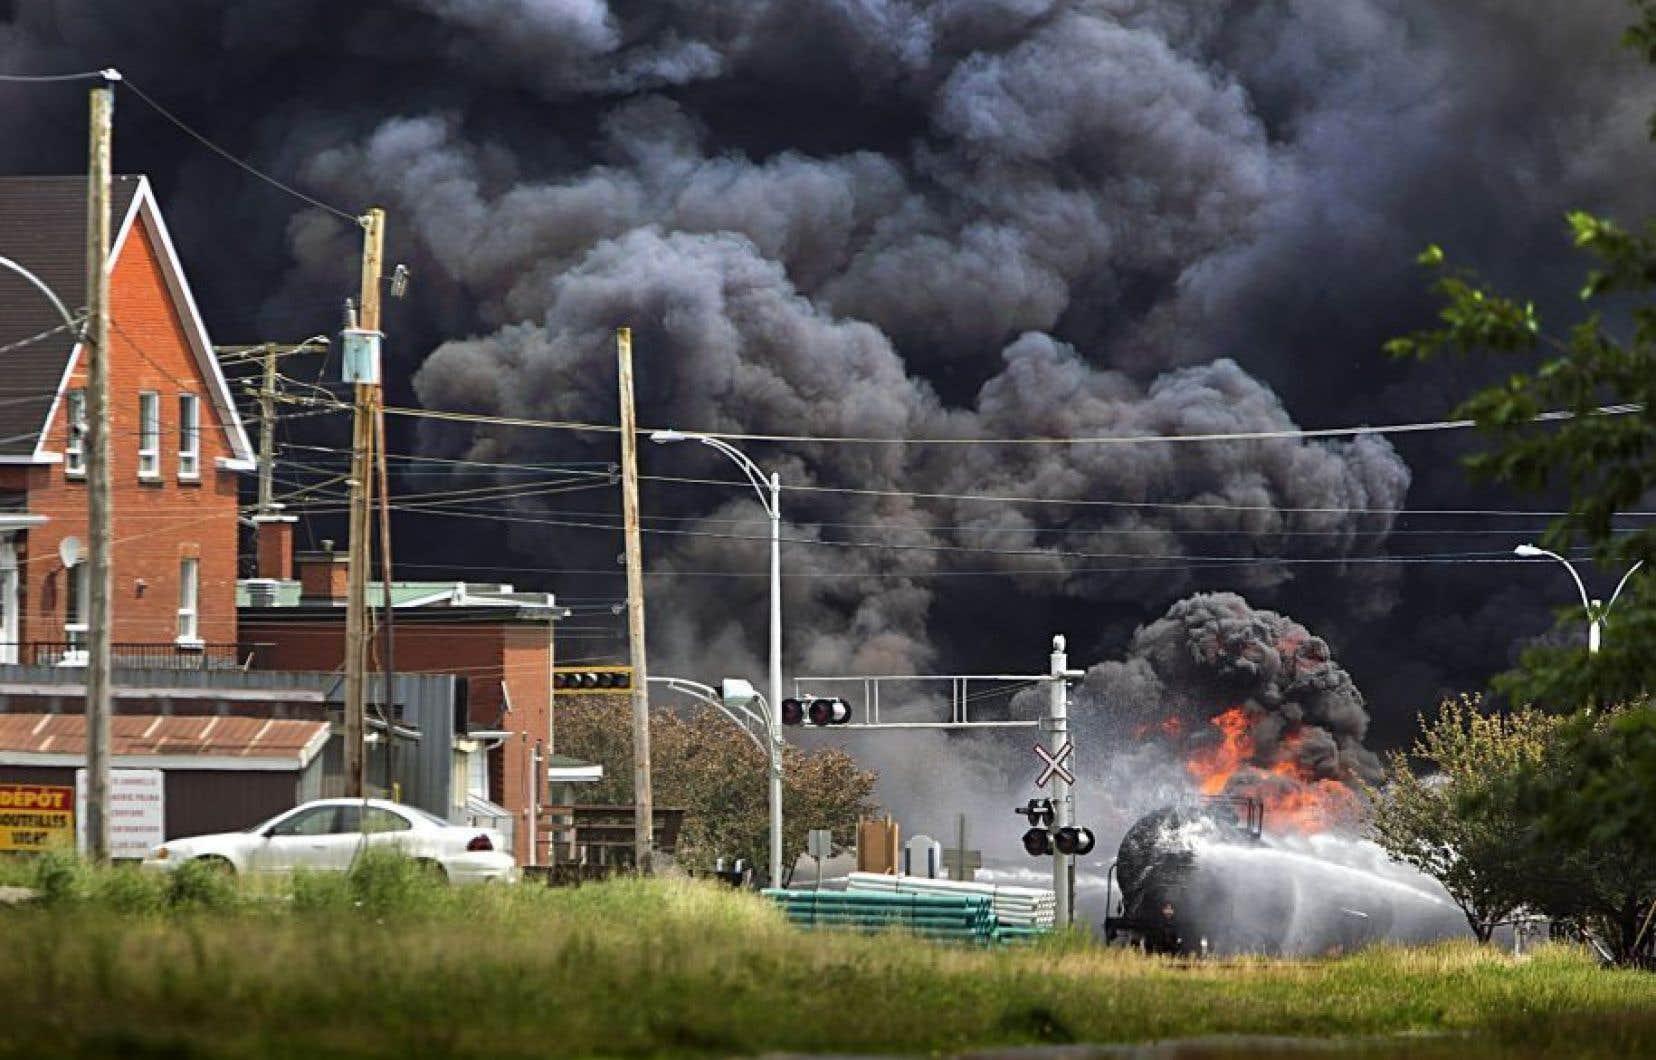 Le 6 juillet 2013, un train transportant du pétrole brut a dévalé la pente menant à la municipalité et a déraillé, provoquant une explosion qui a tué 47 personnes.<br />